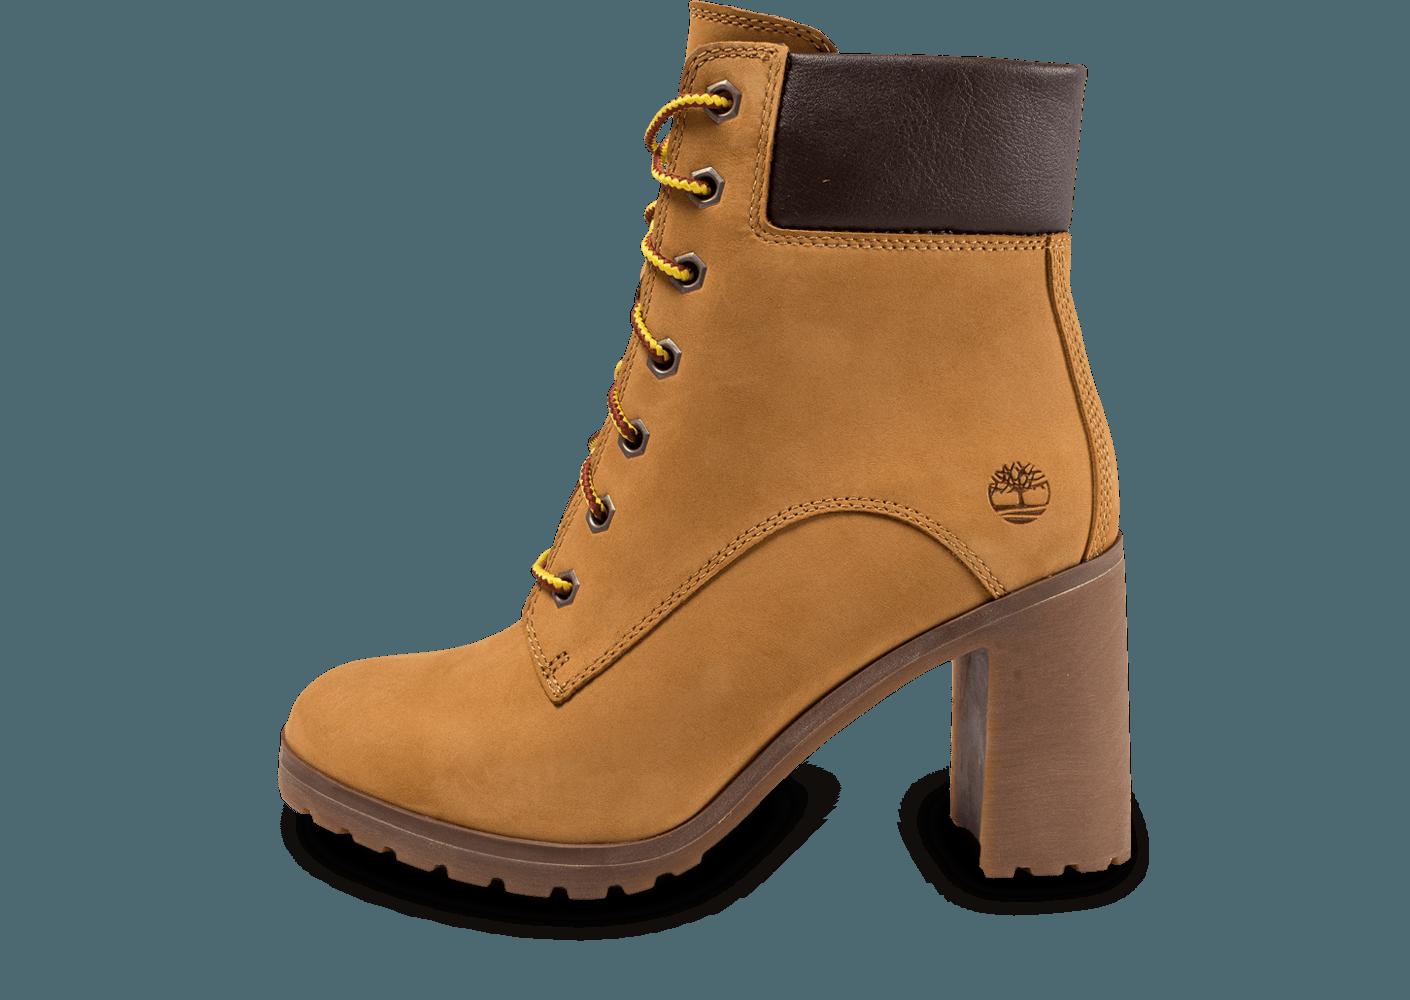 Talon Chaussure Chaussure Timberland Timberland Femme shdtrQCBx